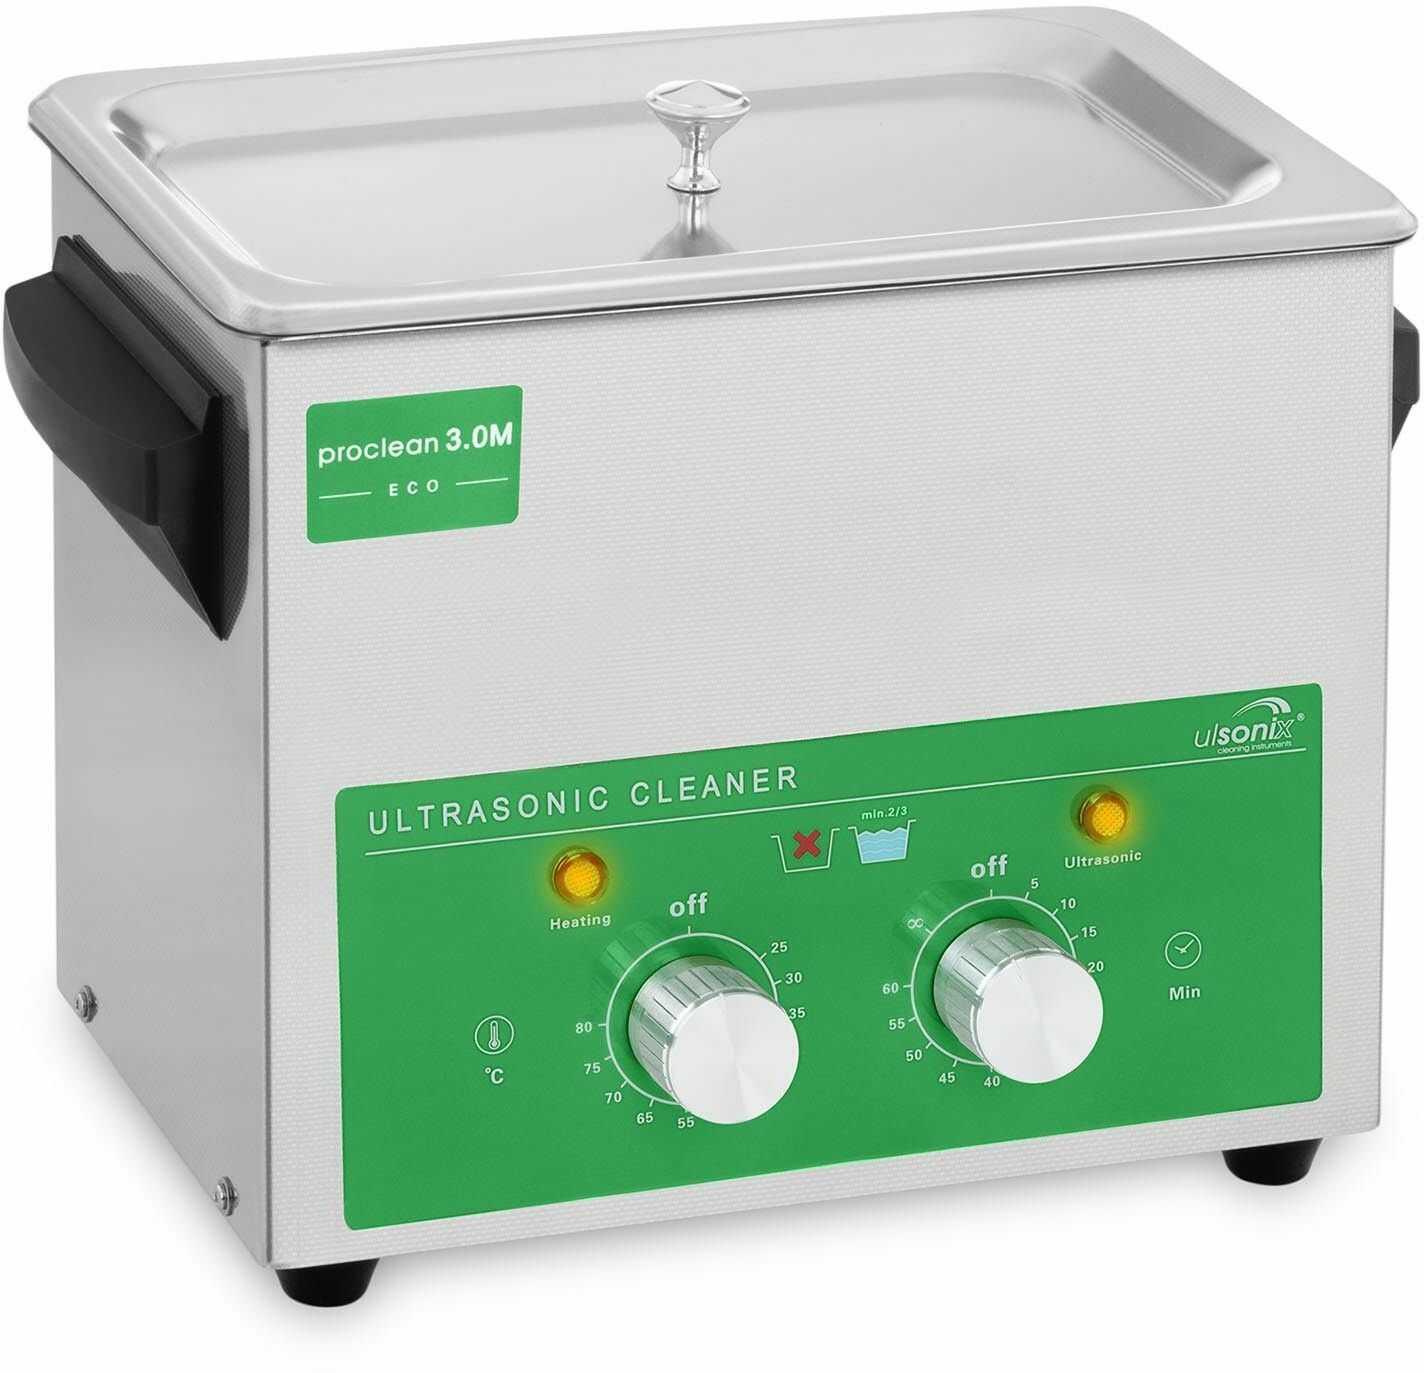 Myjka ultradźwiękowa - 3 litry - 80 W - Basic Eco - ulsonix - PROCLEAN 3.0M ECO - 3 lata gwarancji/wysyłka w 24h